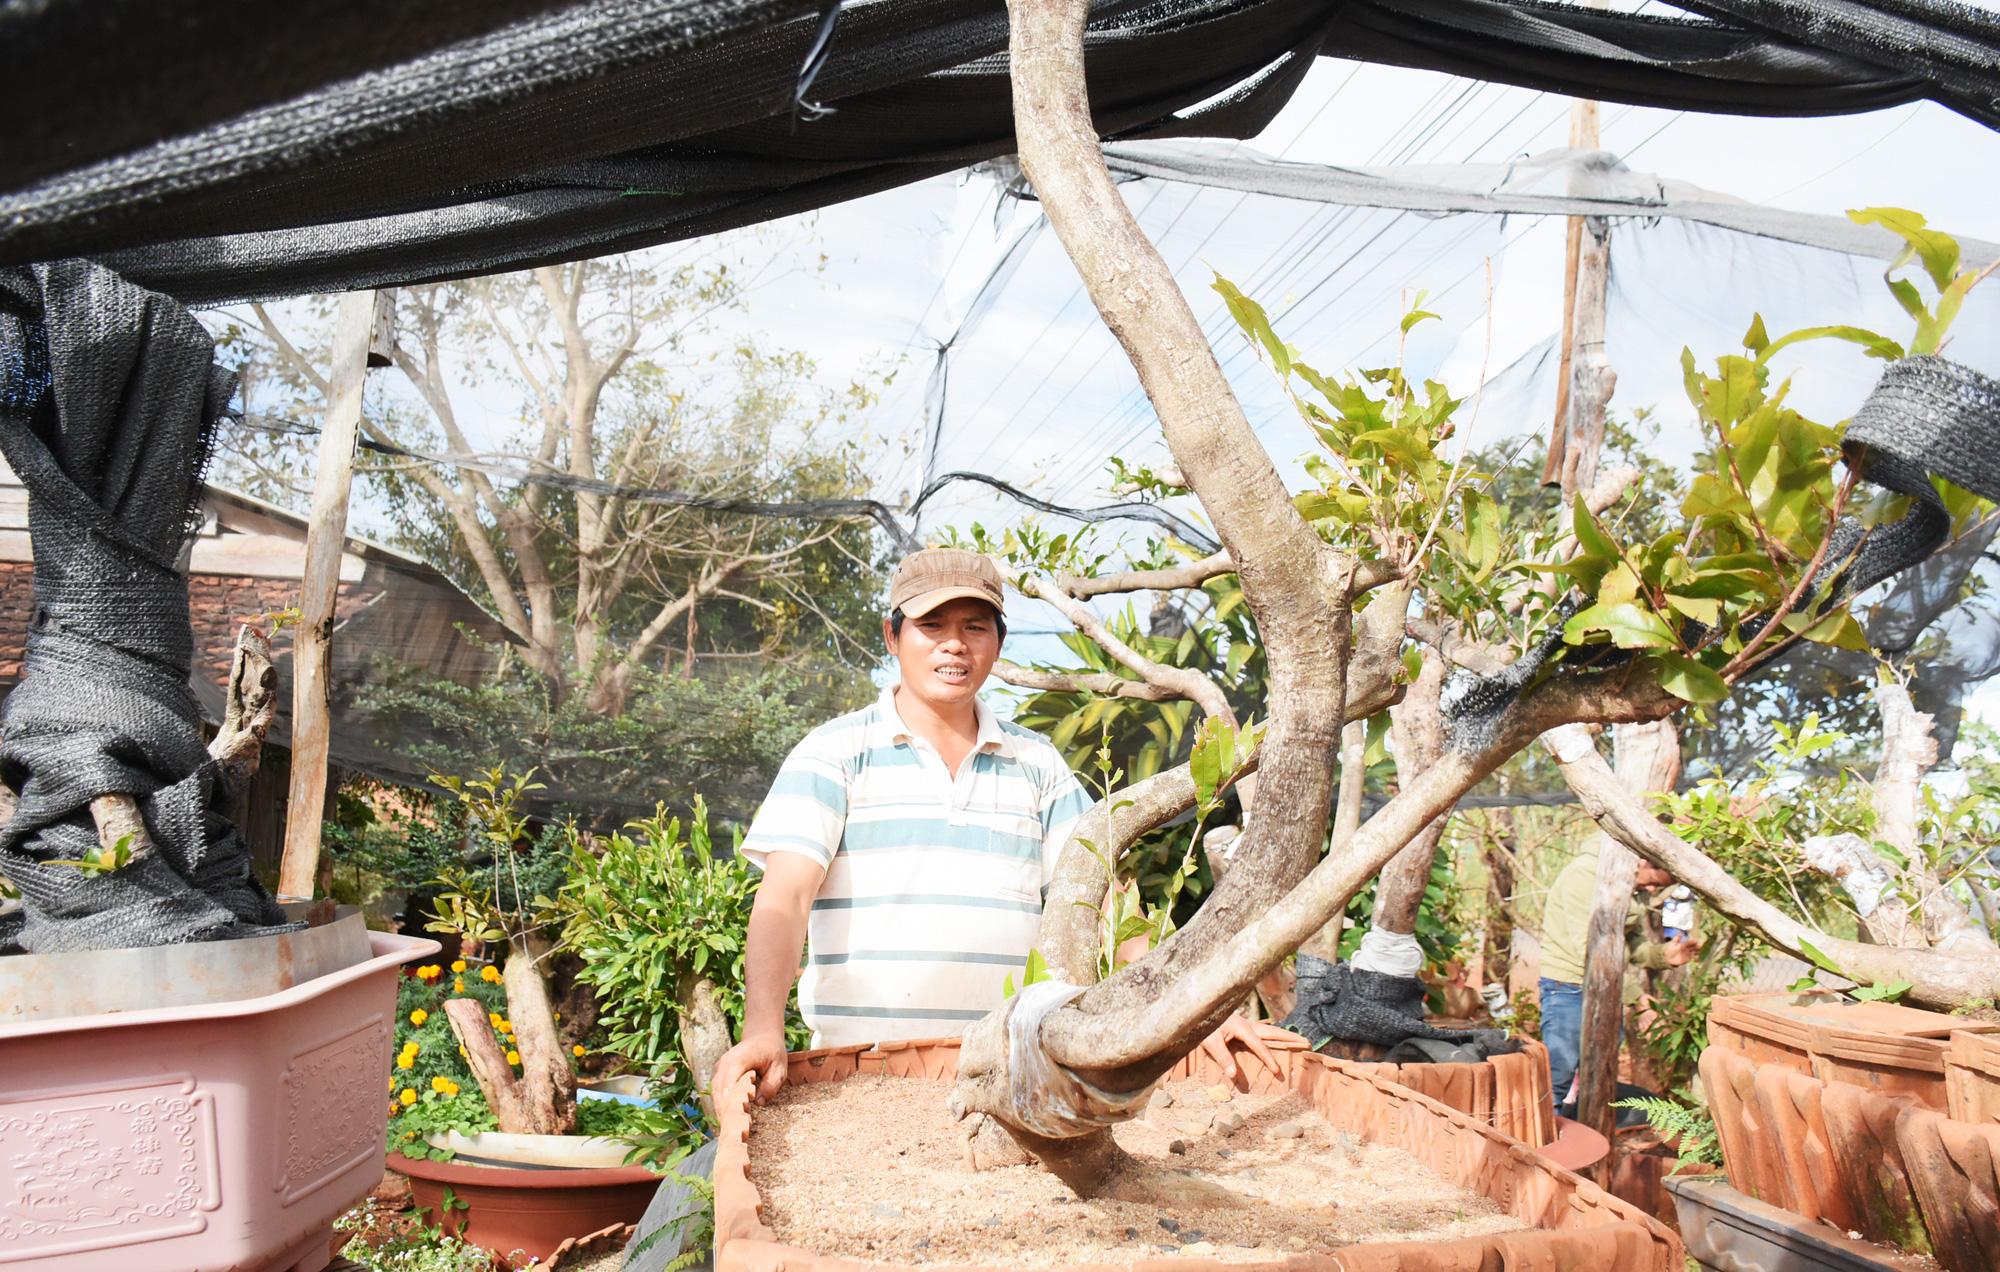 Đáng ngại: Đào 1 cây mai rừng khủng bán 45 triệu, nhoáng cái đã có người mua lại giá 85 triệu - Ảnh 2.